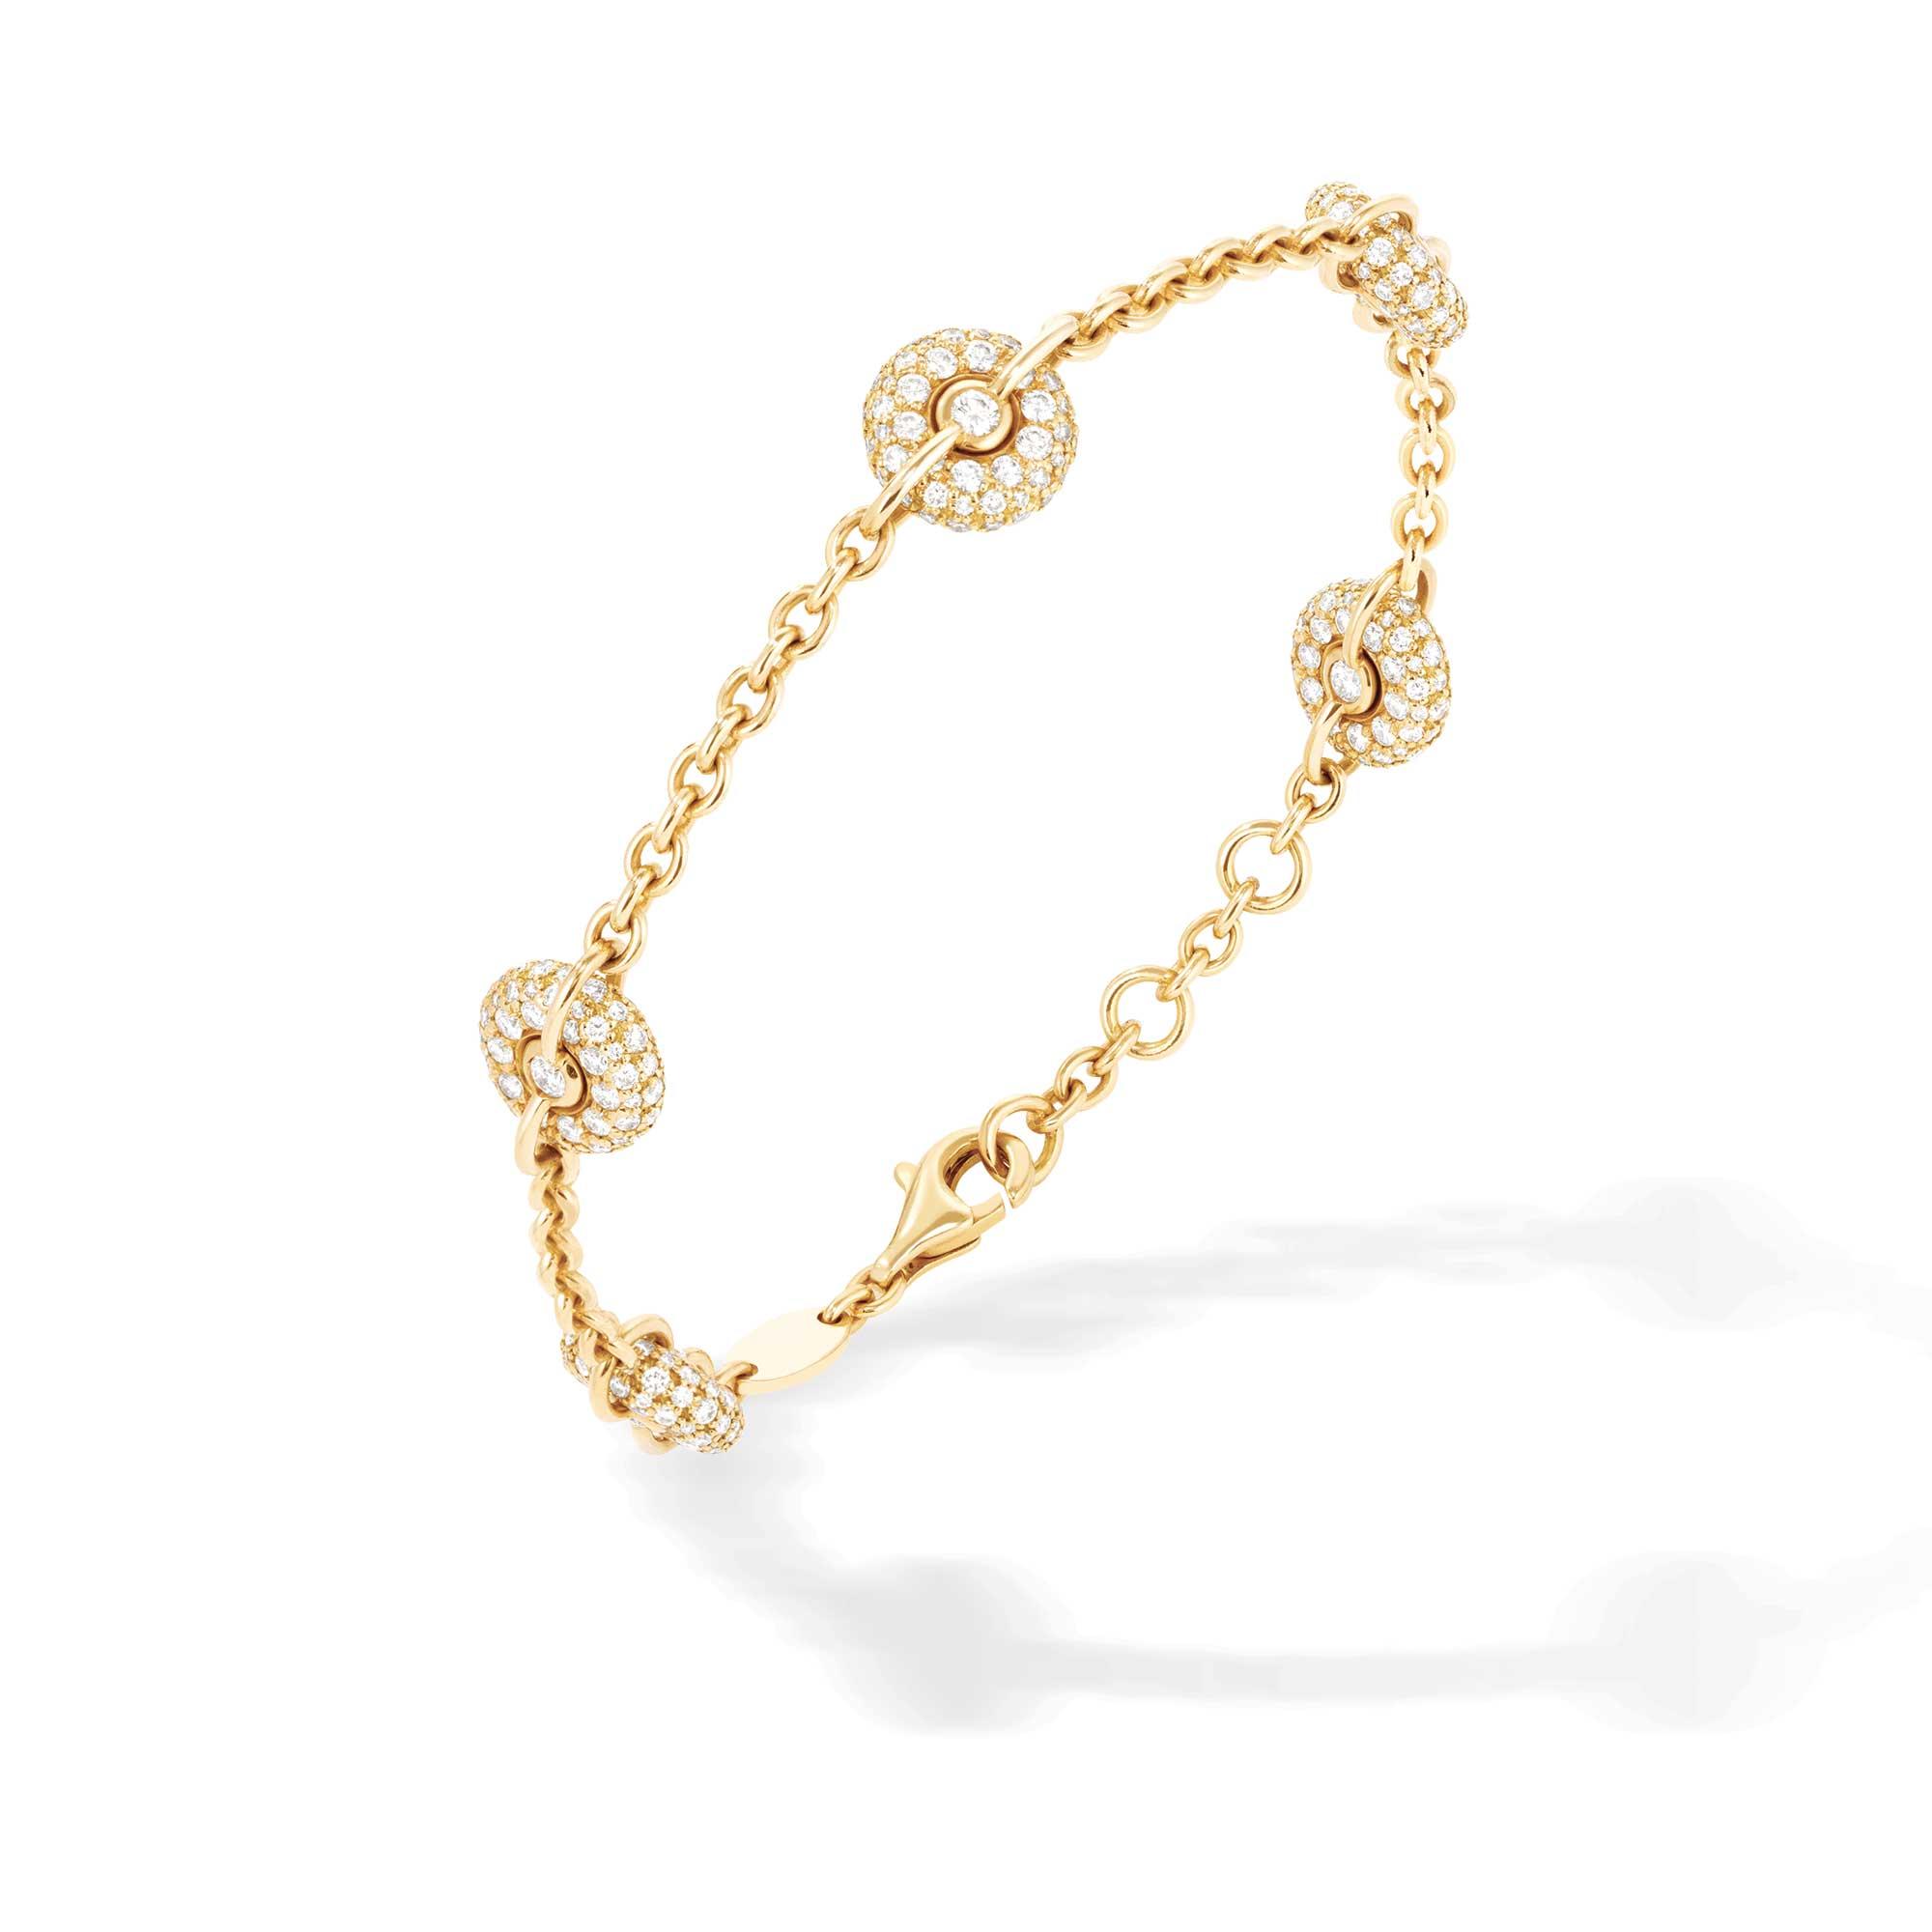 Bracciale a catenina in oro giallo e diamanti - gioielleria Canaglia Paris-Milano